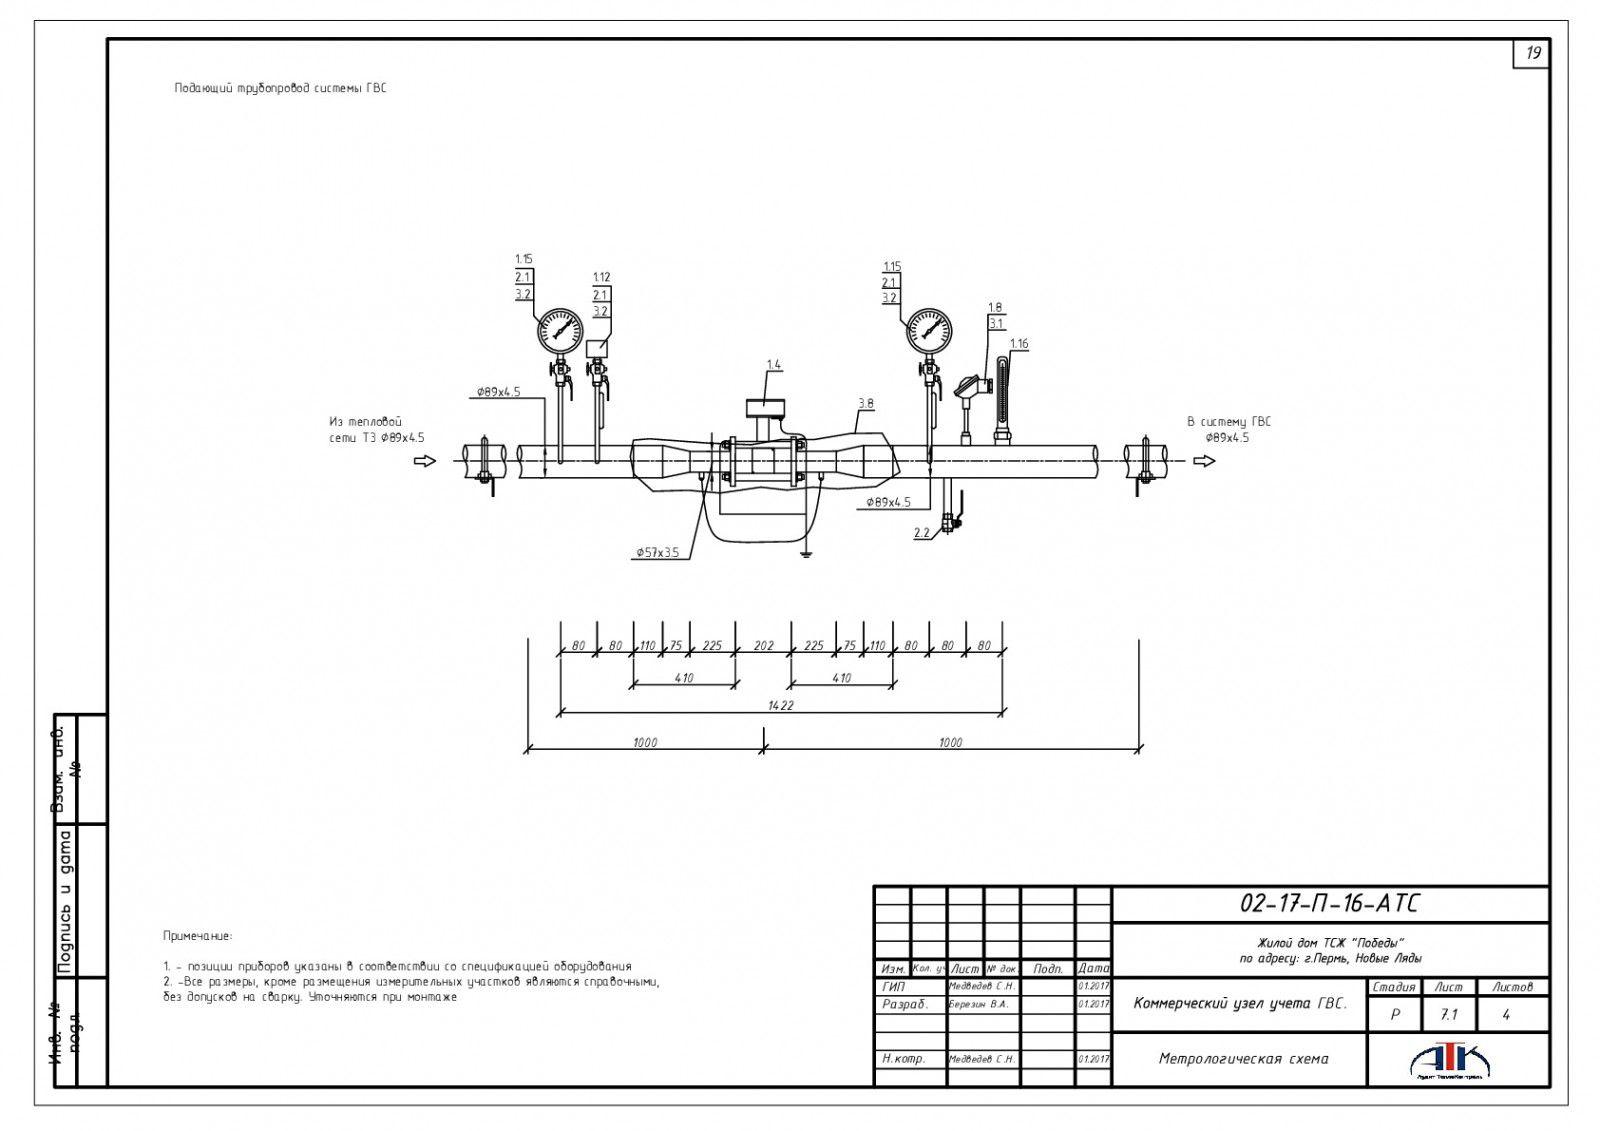 Прибор учета тепловой энергии схема подключения